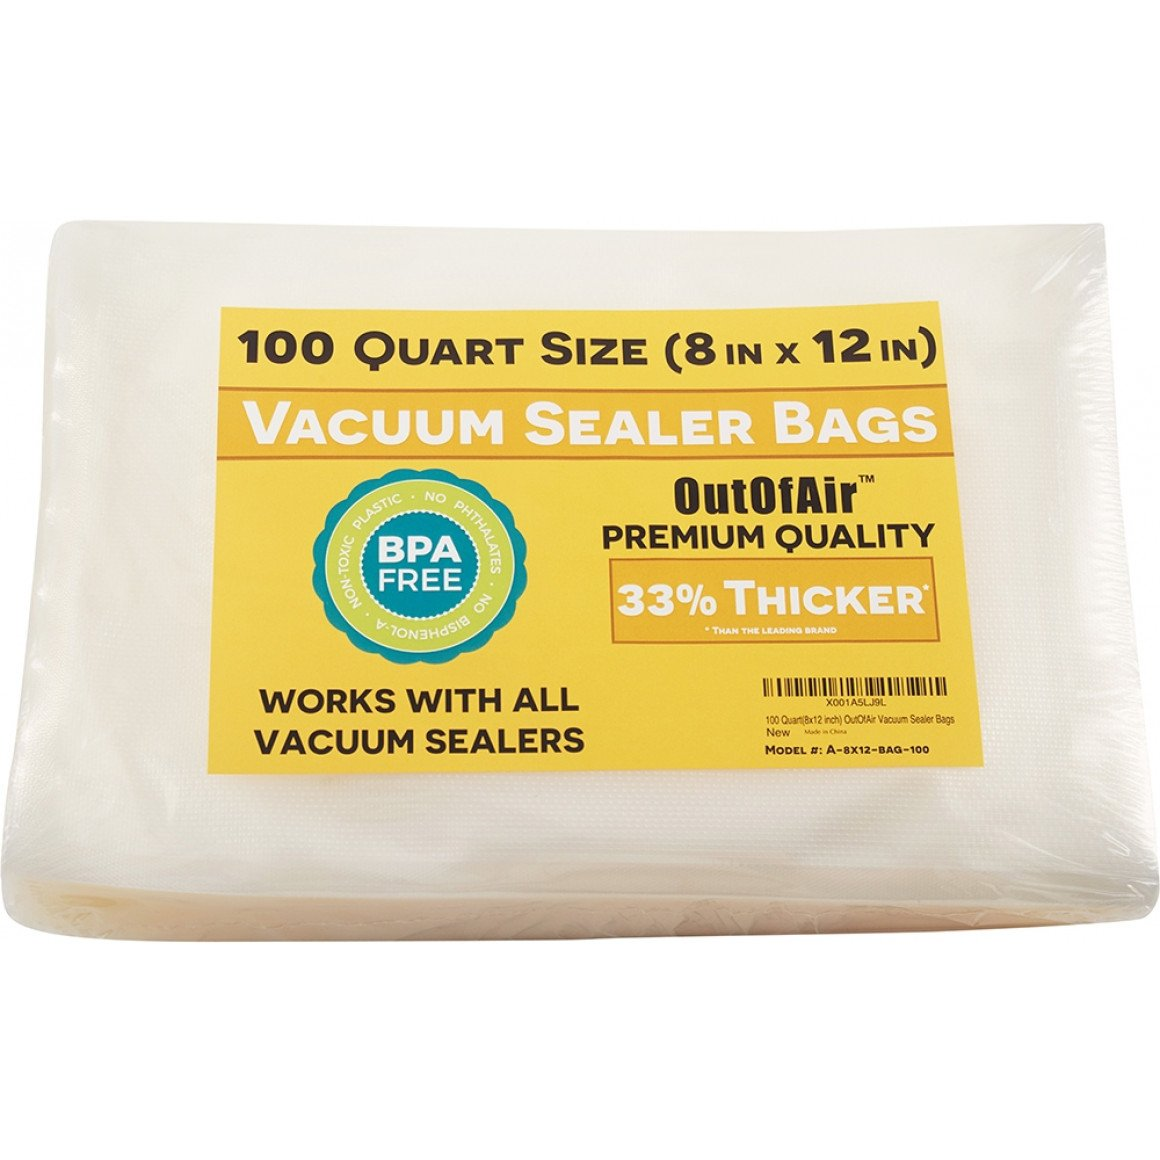 8 inch x 12 inch (Quart size) Vacuum Sealer Bags